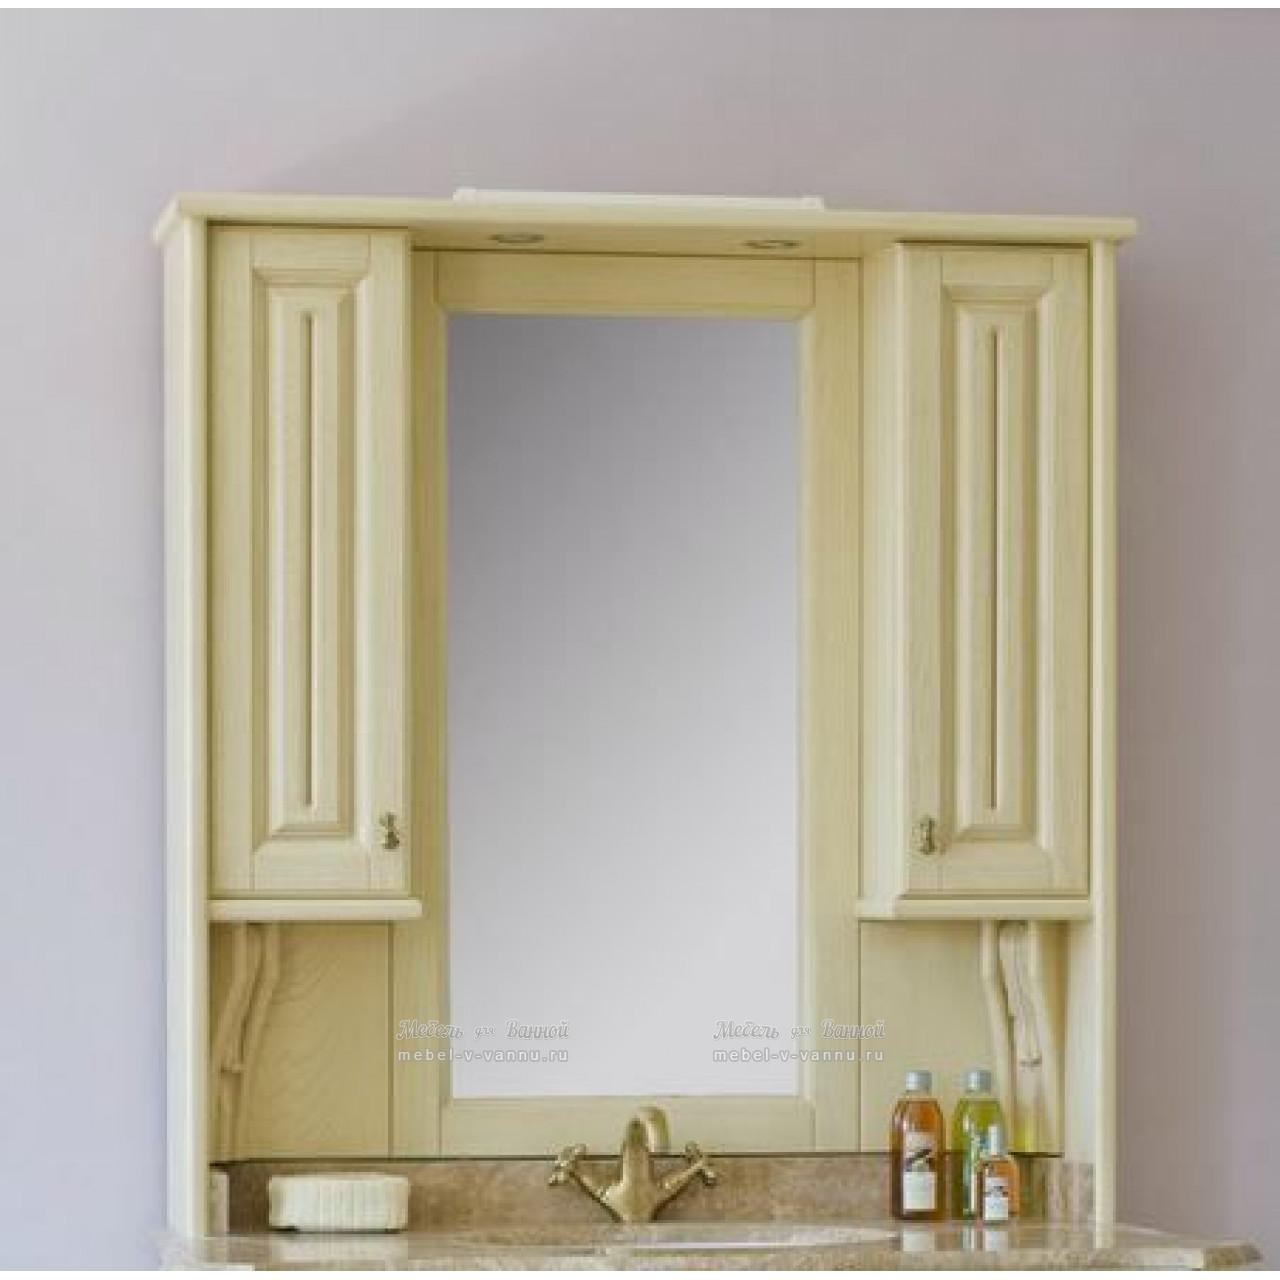 Зеркало-шкаф Аллигатор Вито 120E (D) купить в Москве по цене от 47000р. в интернет-магазине mebel-v-vannu.ru